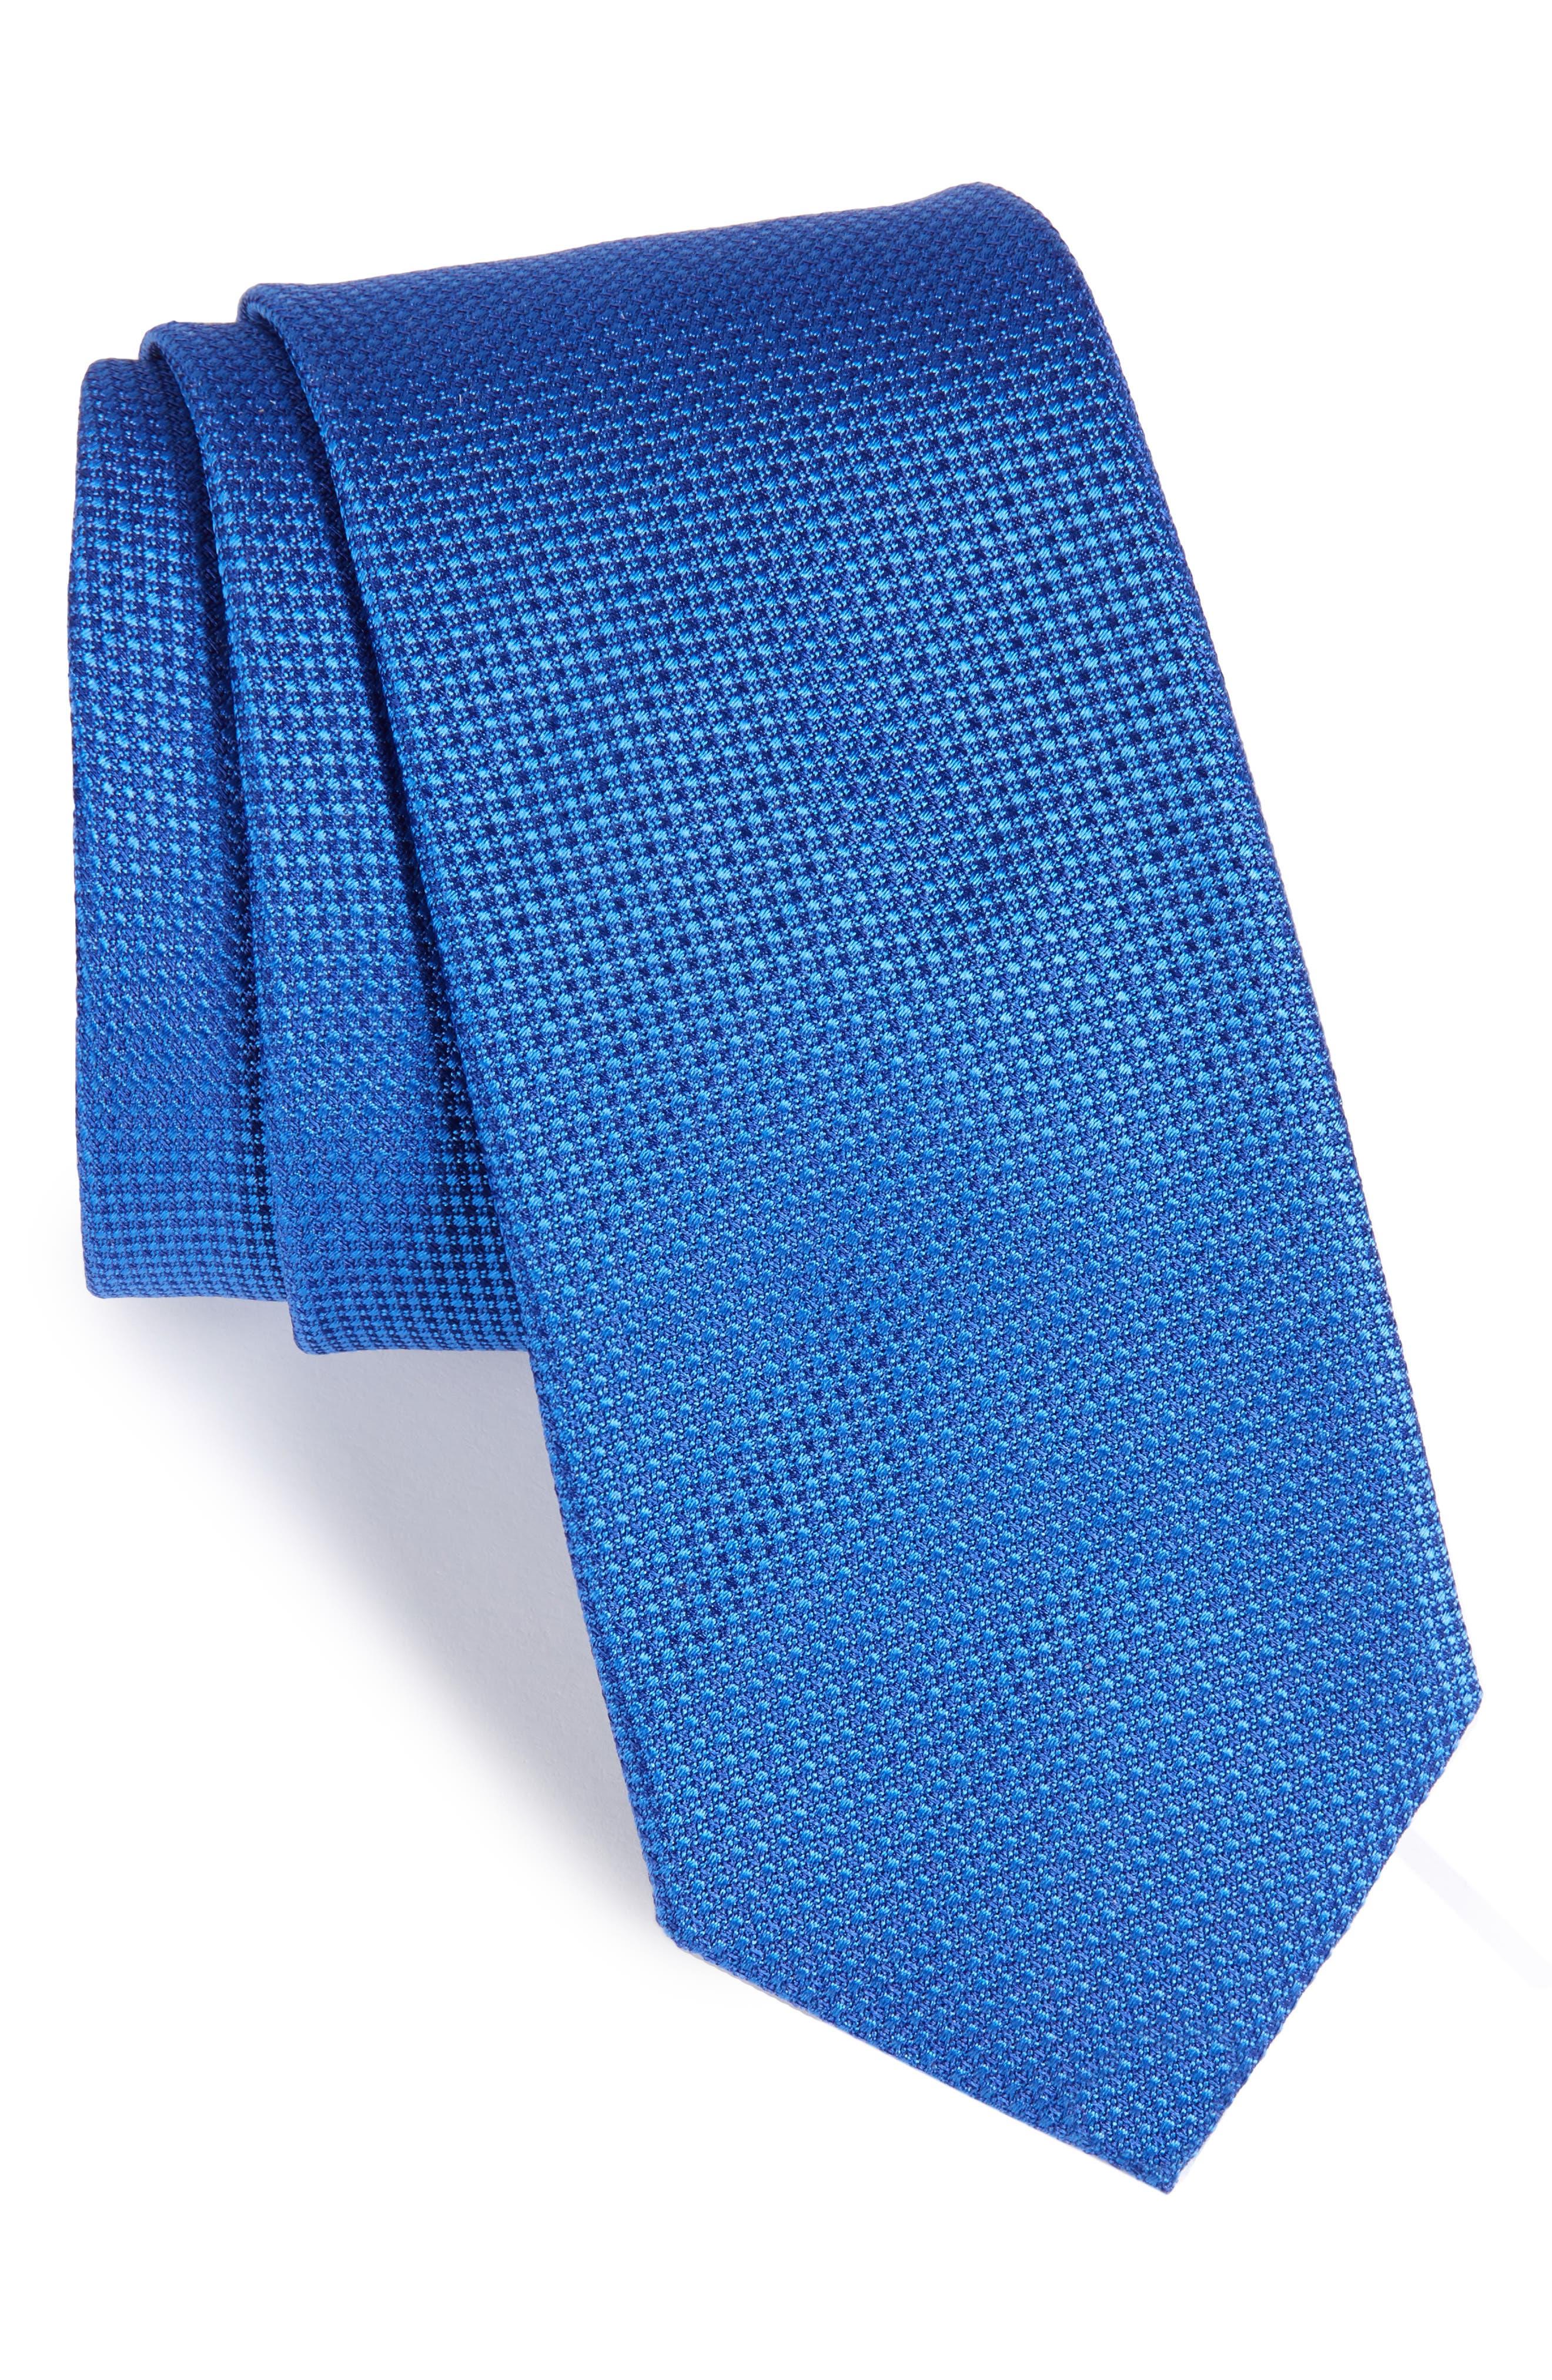 Solid Silk Tie,                         Main,                         color, Medium Blue